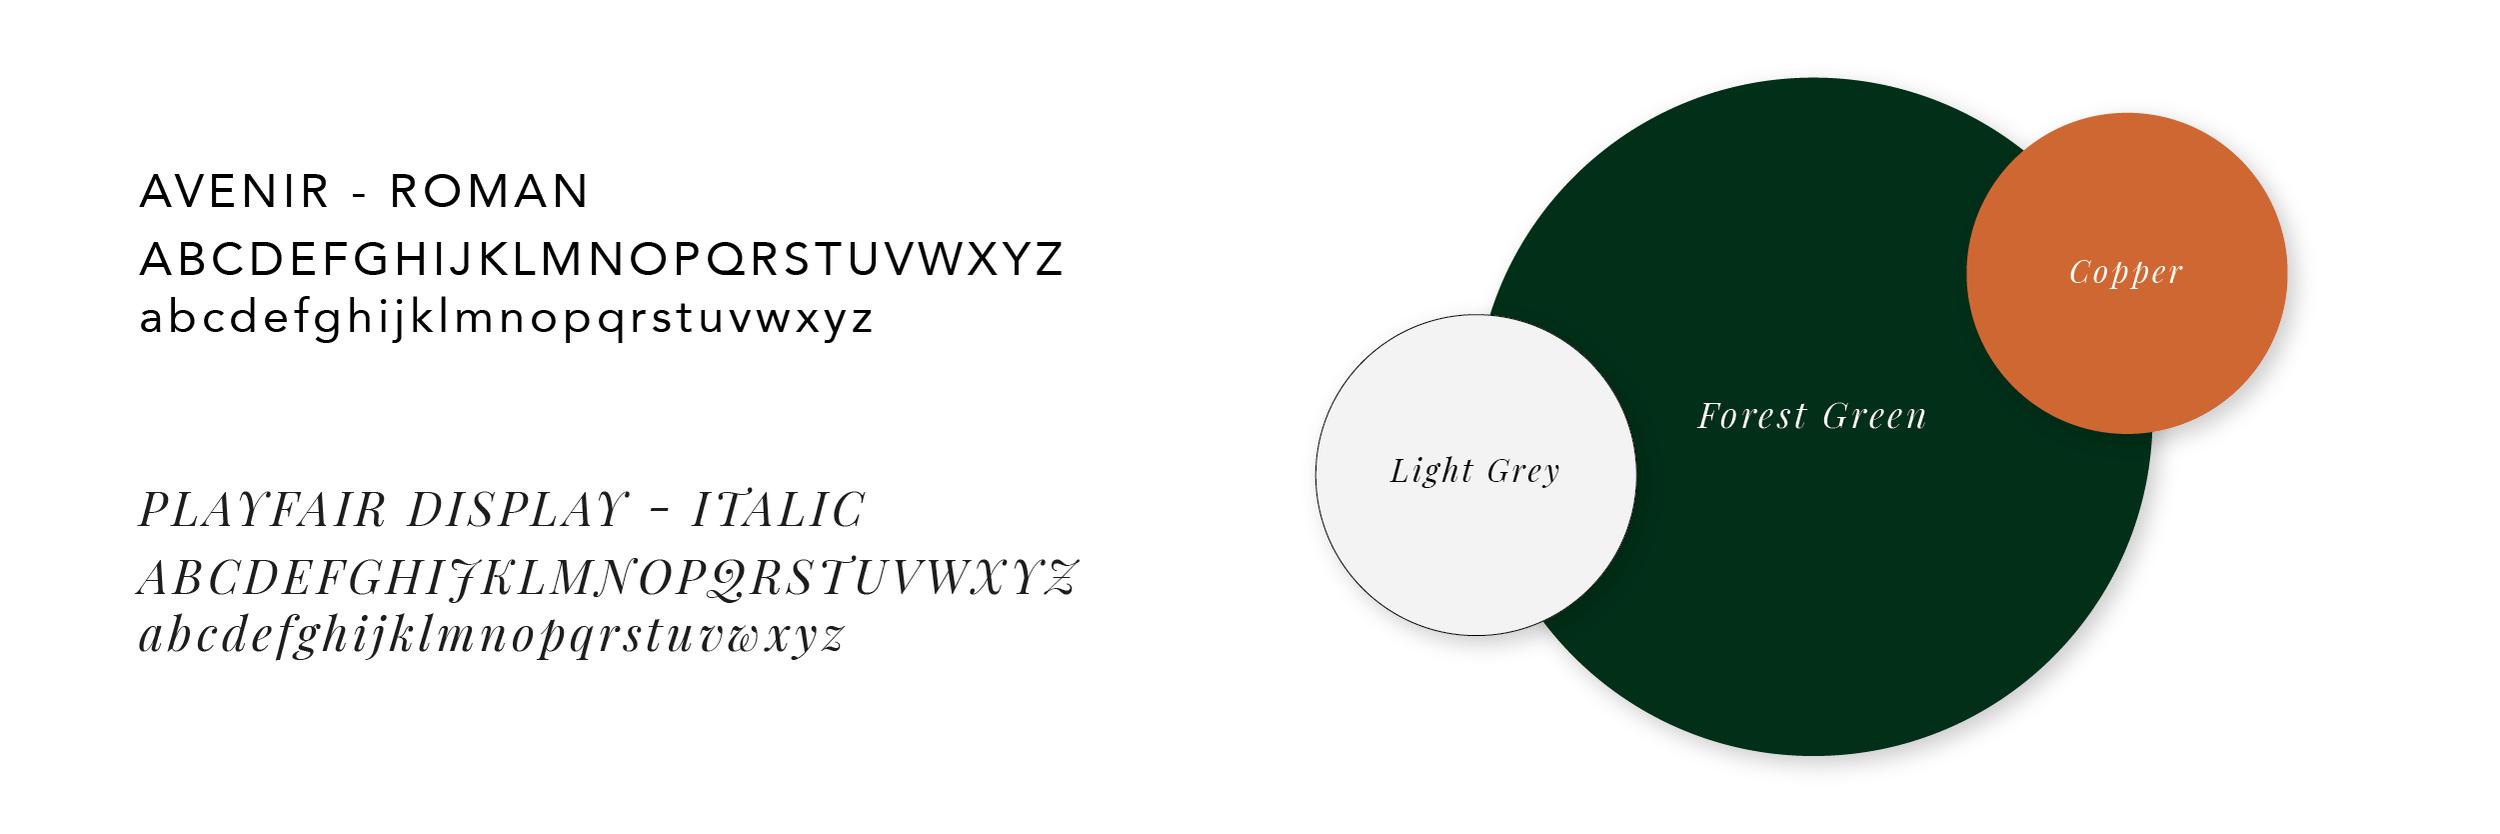 Fonts & colors.